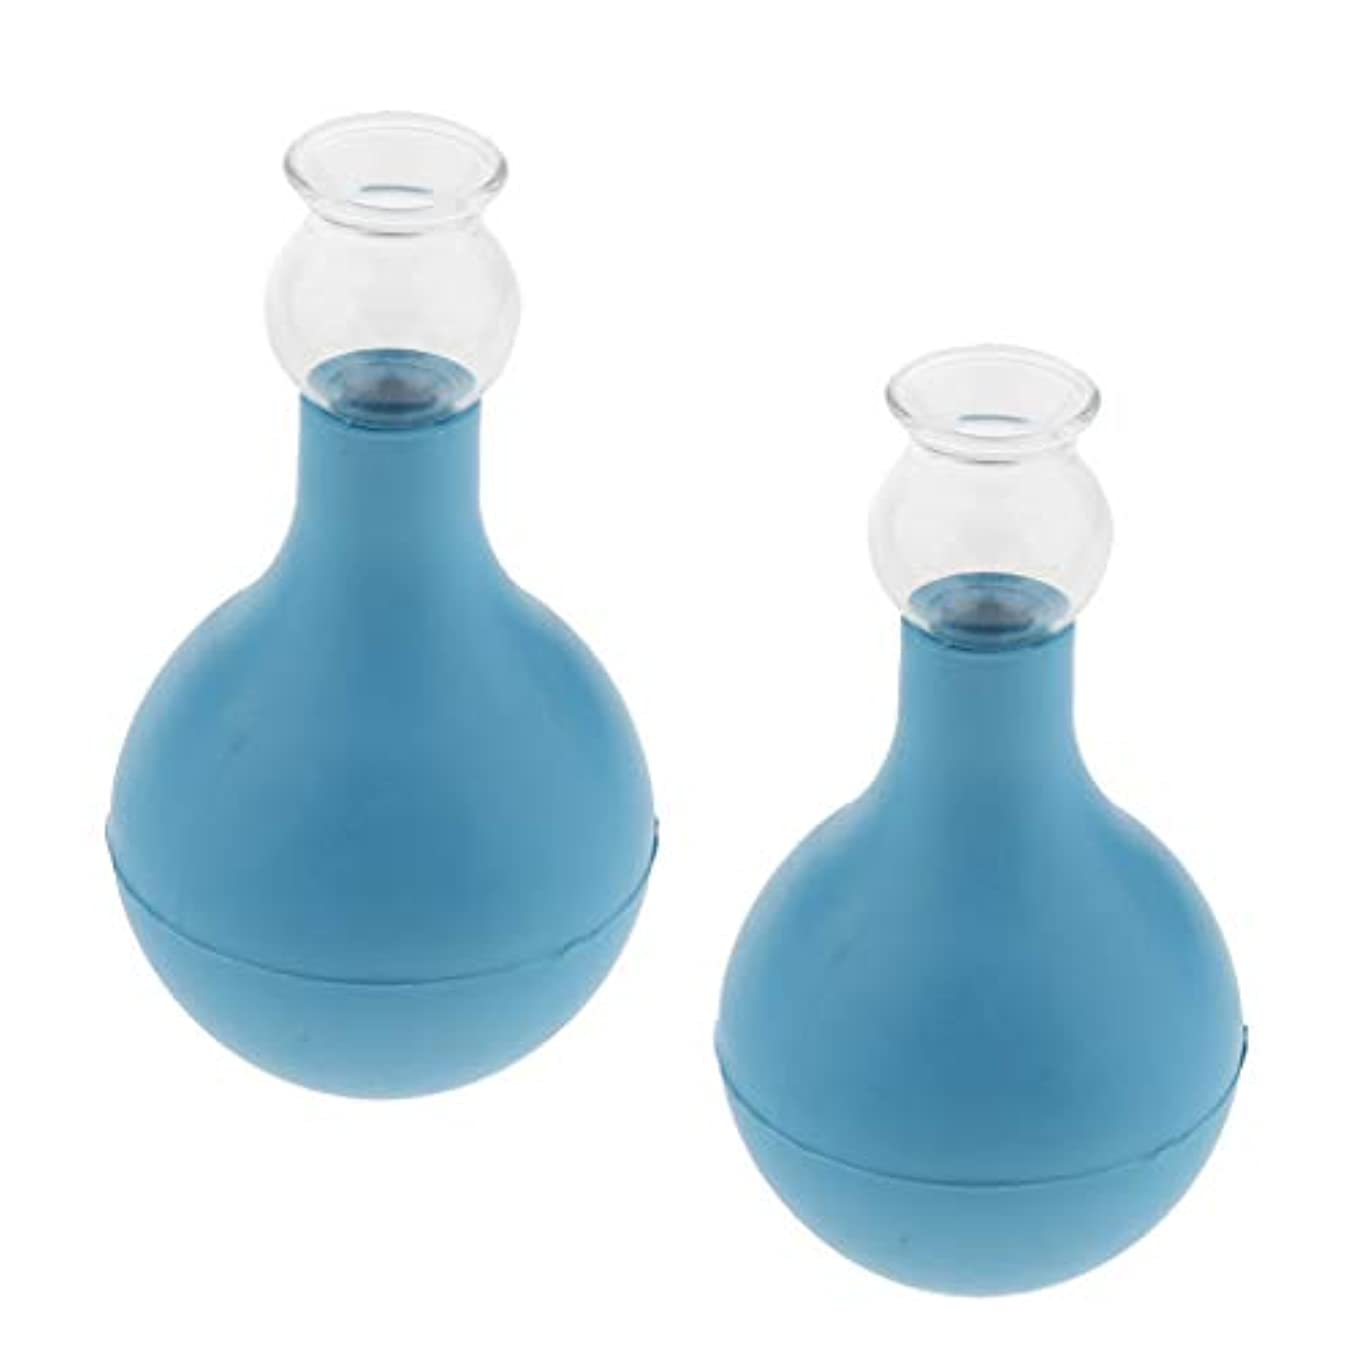 プレゼンテーションピジン余暇dailymall 5個のガラスシリコーン抗セルライトマッサージ真空摂取カップセット - ブルー+ブルー2cm, 2cm